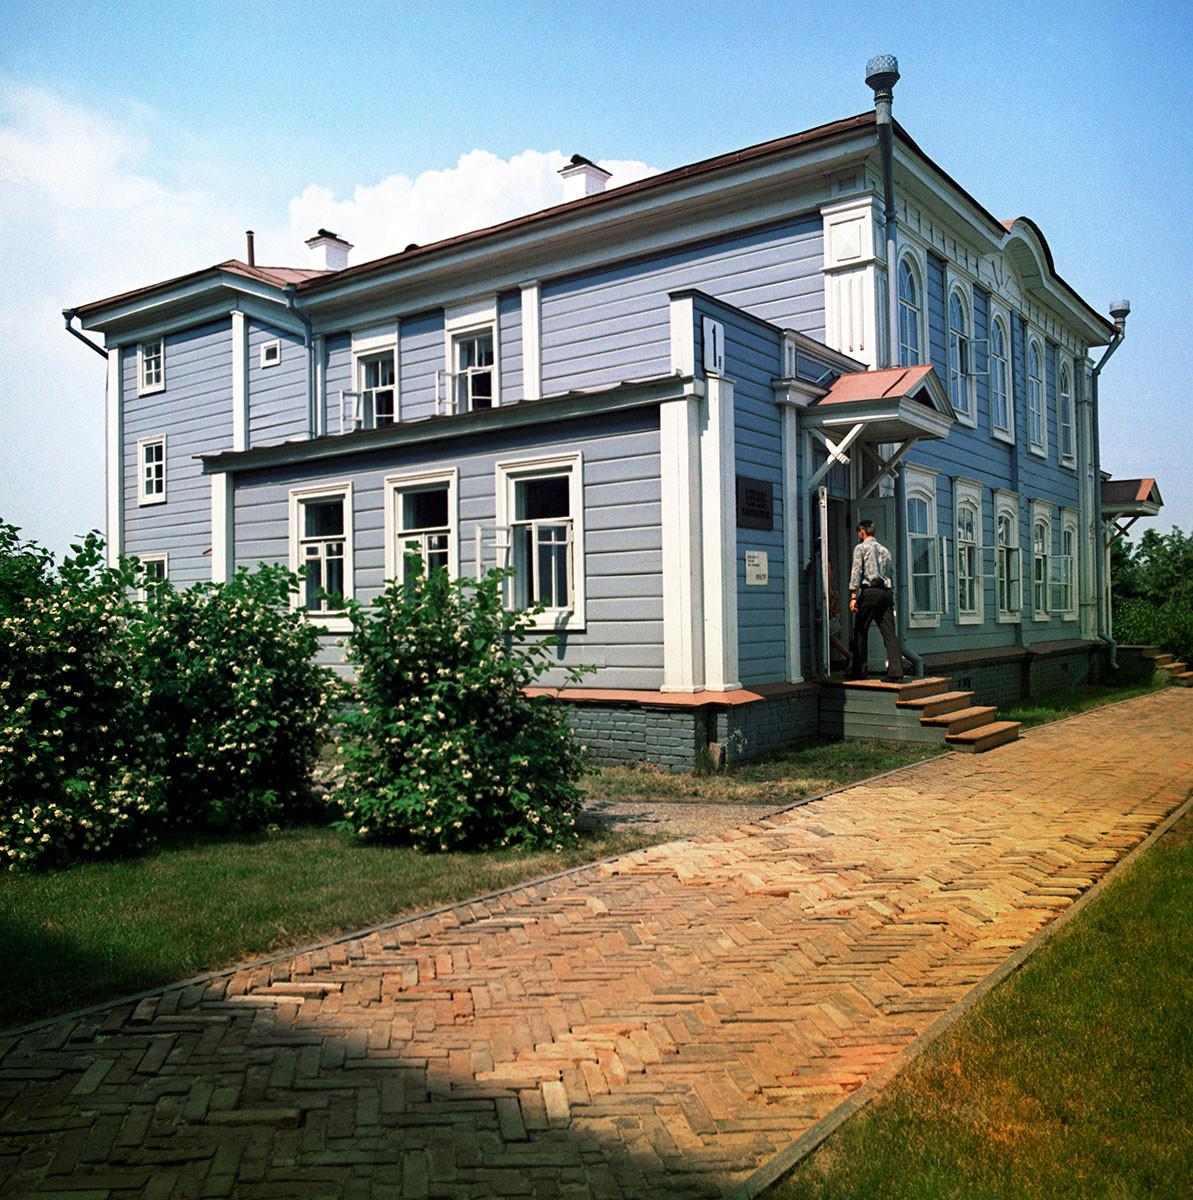 Maison-musée de la famille Oulianov à Oulianovsk. Photo de 1973